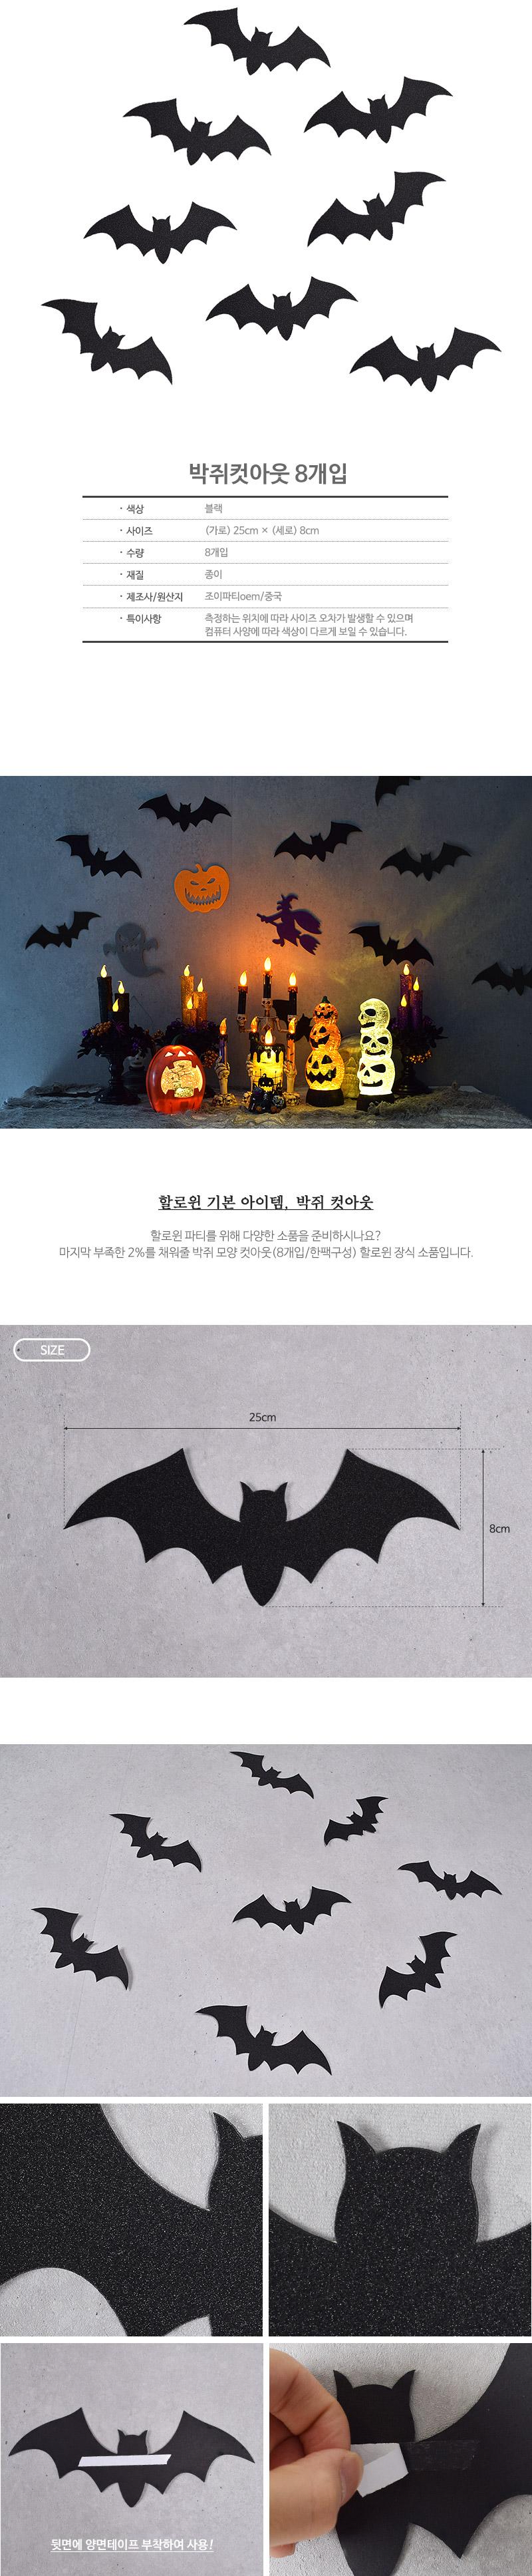 박쥐컷아웃 8개입 _partypang - 파티팡, 4,000원, 파티용품, 할로윈 파티